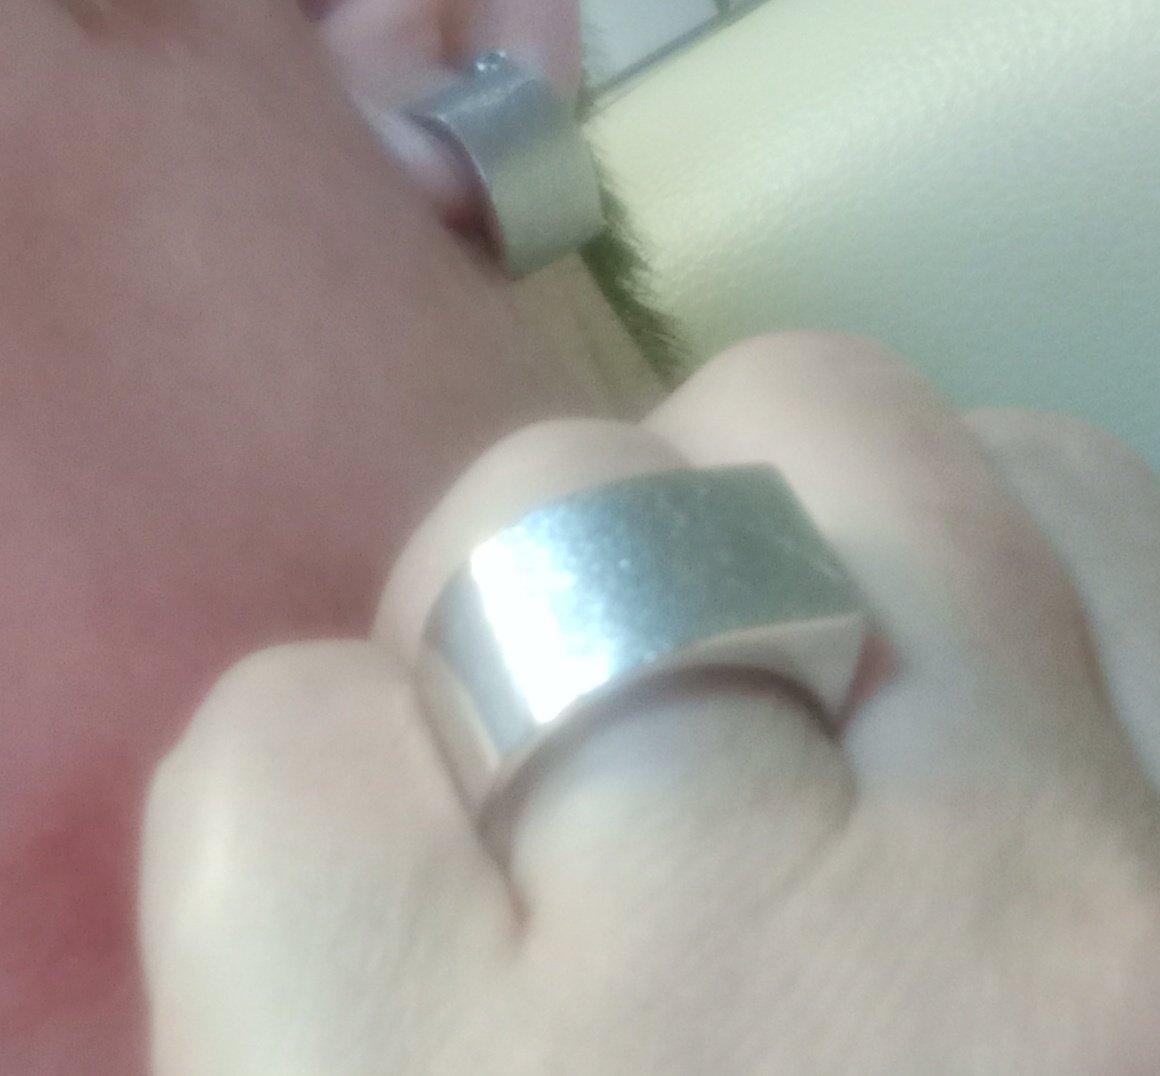 Ооочень интересное кольцо